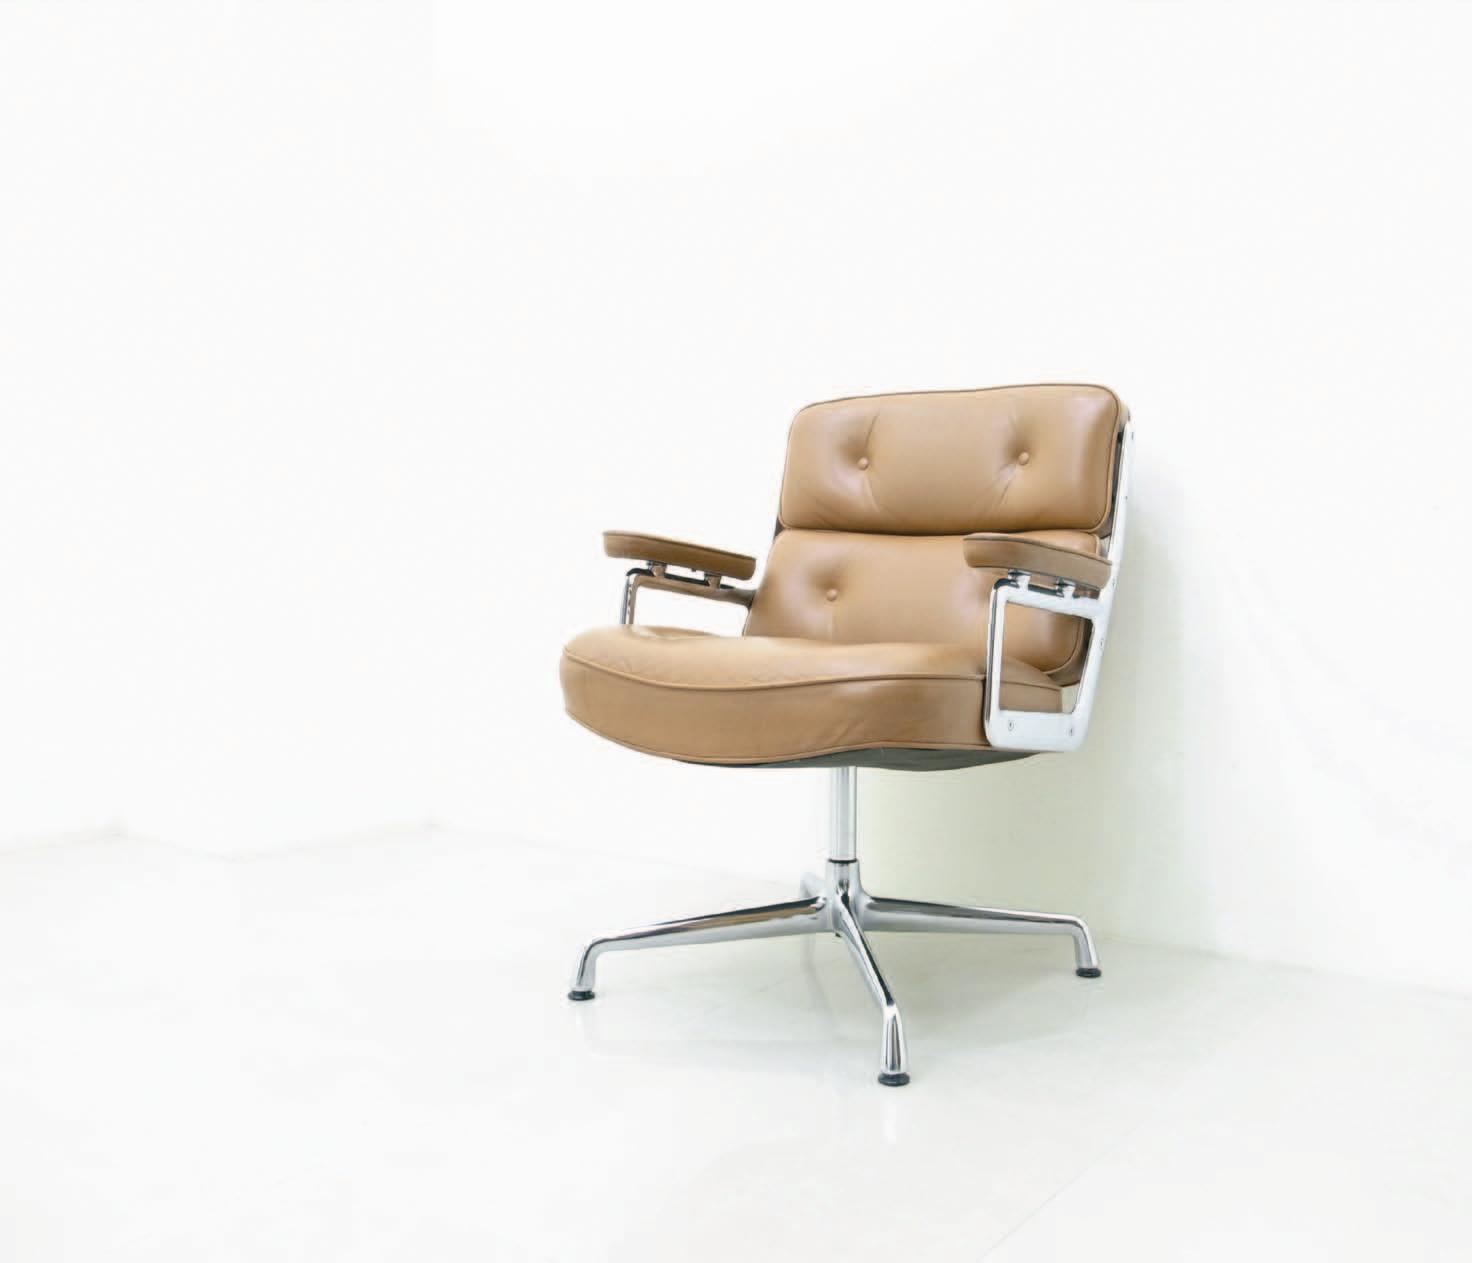 【城市Loft樂生活】摩登前衛居家單椅沙發  機能大尺寸